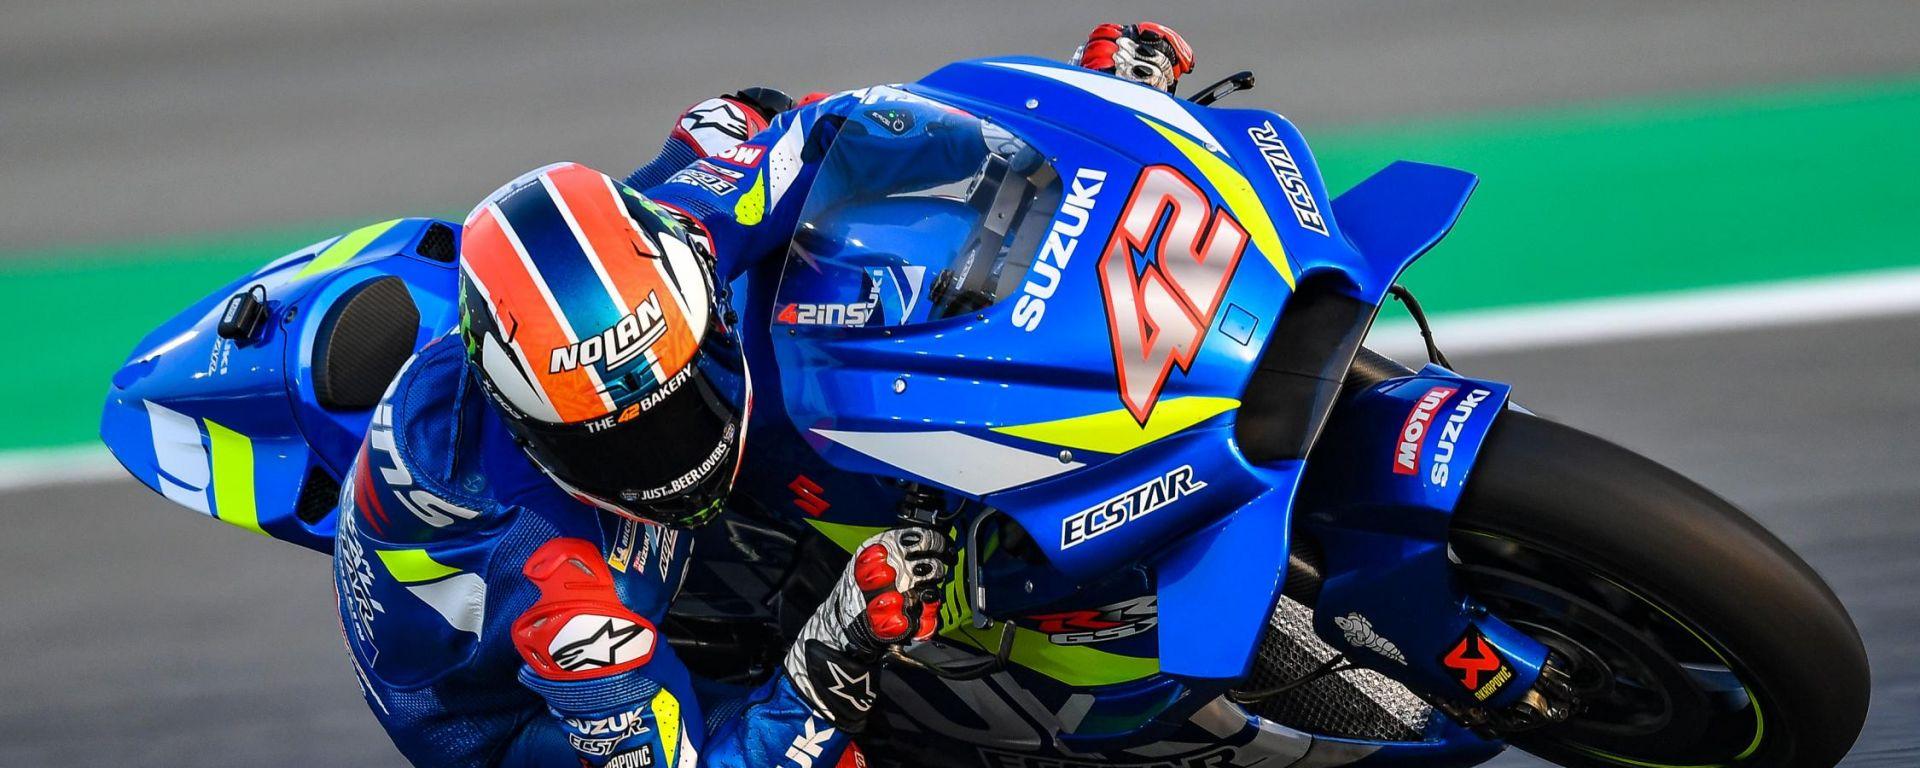 Test MotoGP Qatar, Alex Rins (Suzuki)